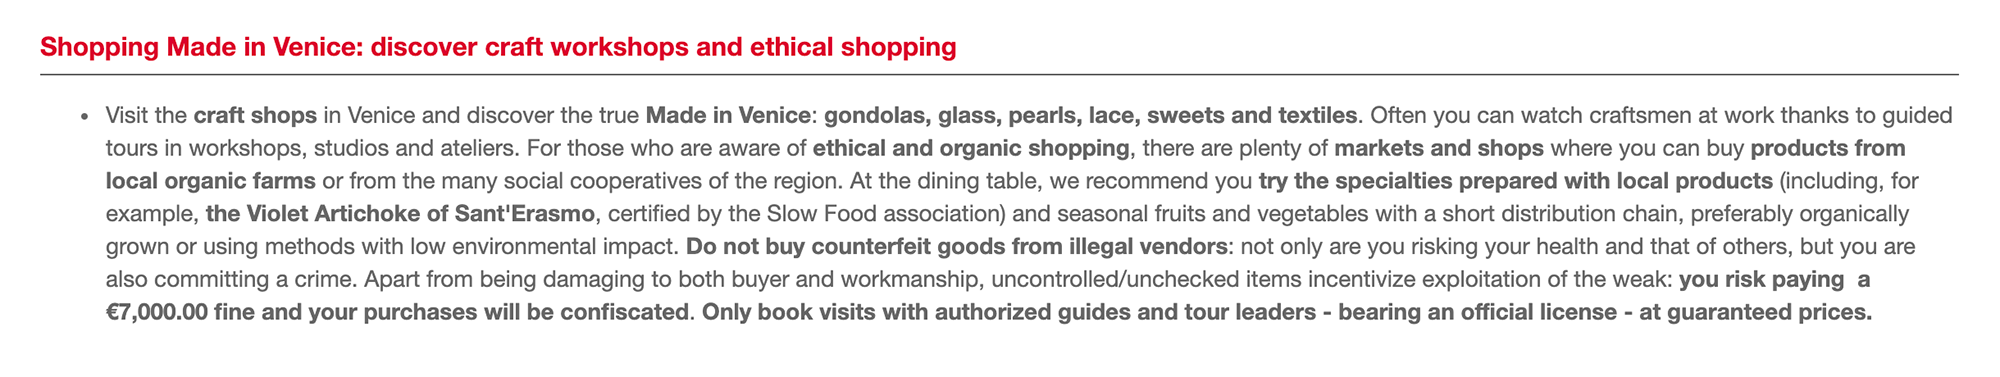 Туристический сайт Венеции предупреждает, что за покупку подделок может последовать штраф до 7000€ (500 000 рублей) и конфискация покупки